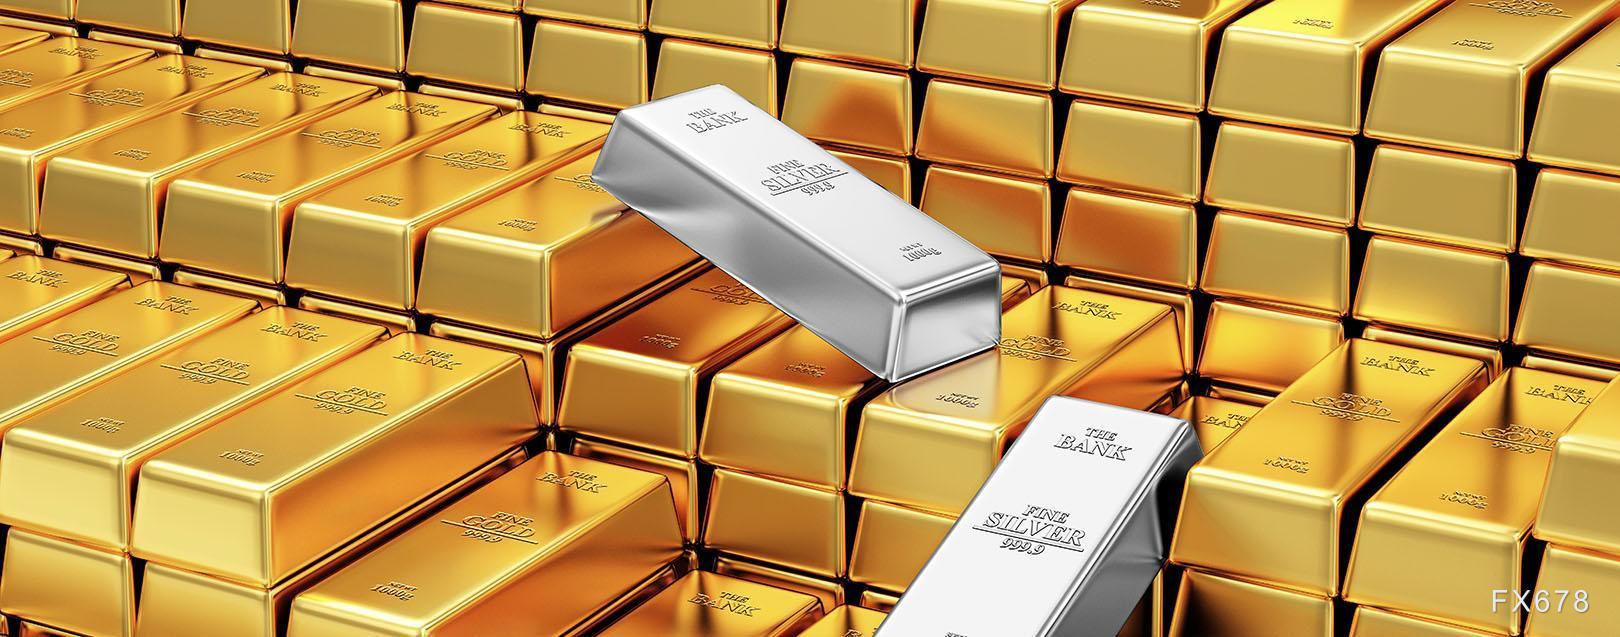 """放弃弱美元政策耶伦或送黄金""""一记重拳"""" 欧央行利率决议来袭"""